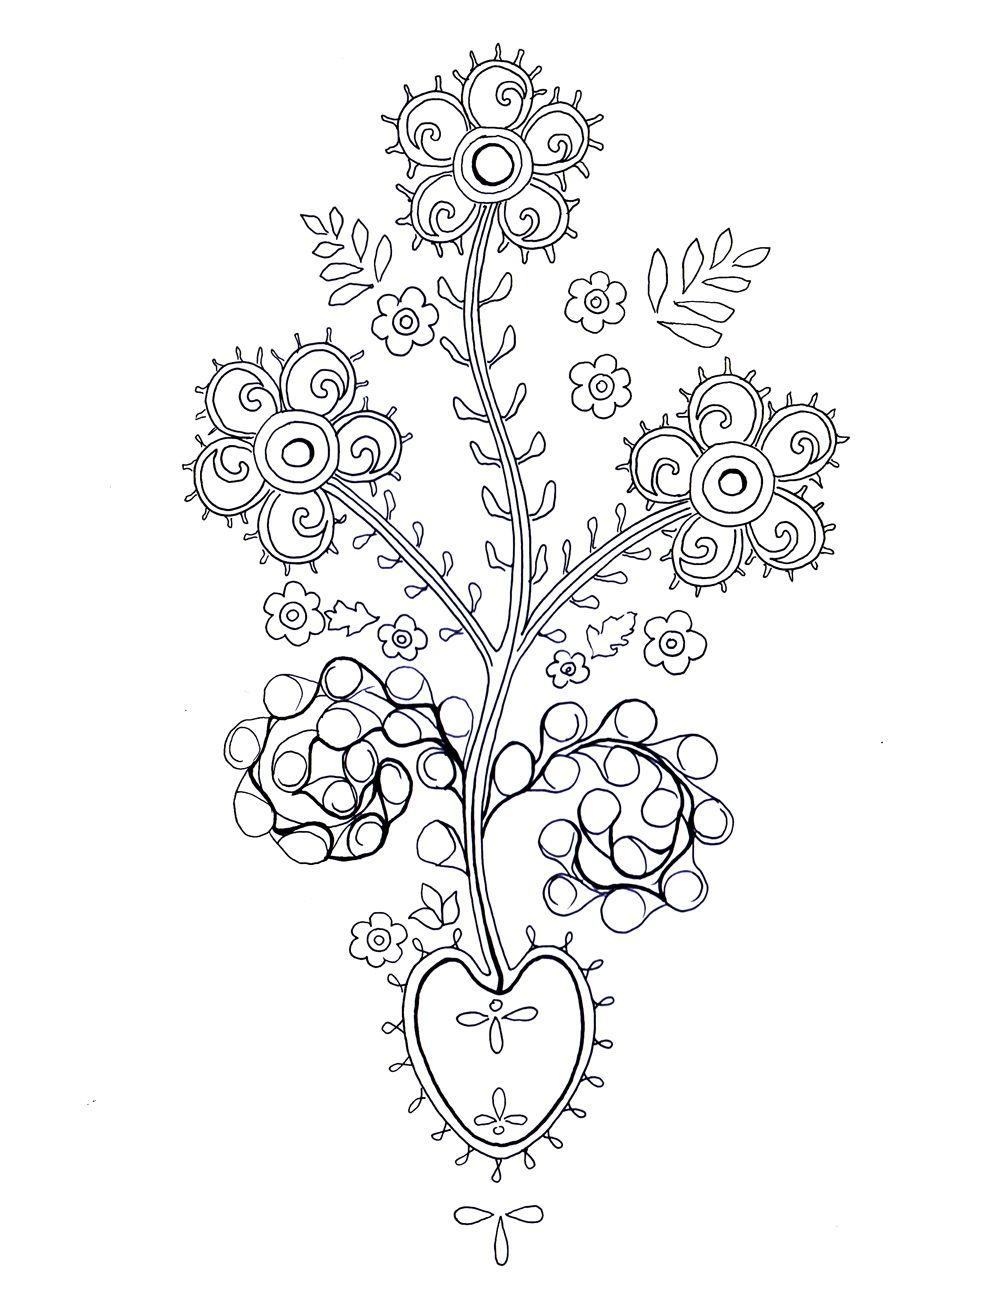 Wzory Ludowe Kolorowanki Szukaj W Google Flower Tattoo Lotus Flower Tattoo Embroidery